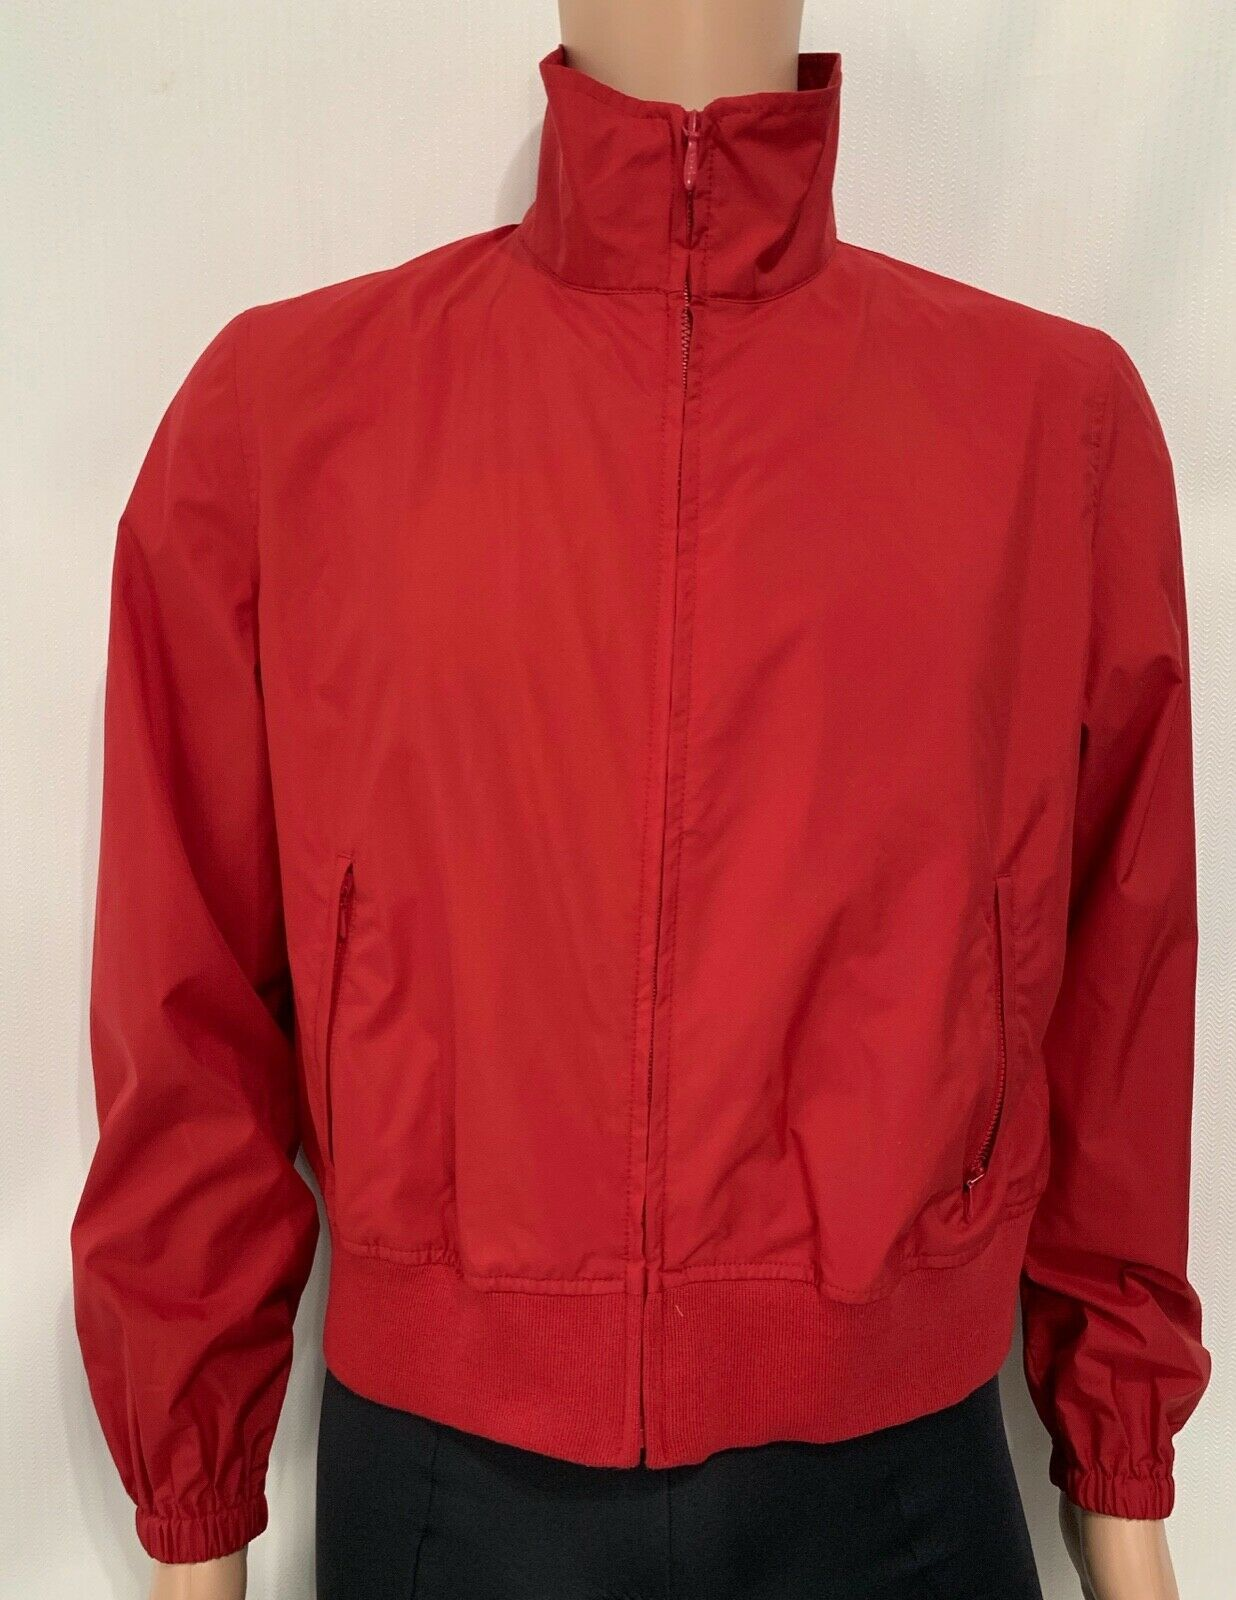 Women TOMMY HILFIGER Jeans RAIN Jacket Coat Windbreaker Pockets RED No Lining XL